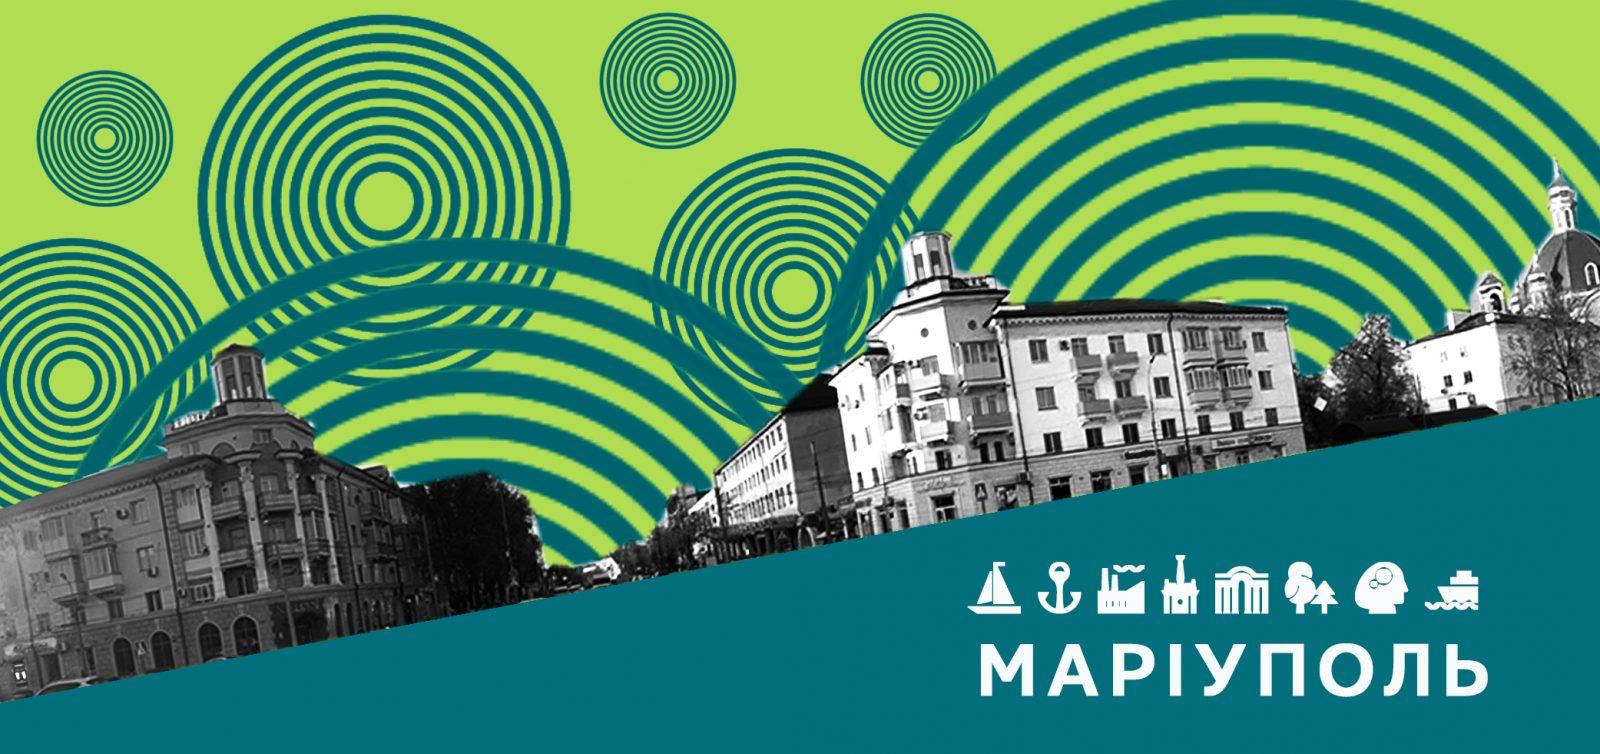 Маріуполь може стати культурною столицею України